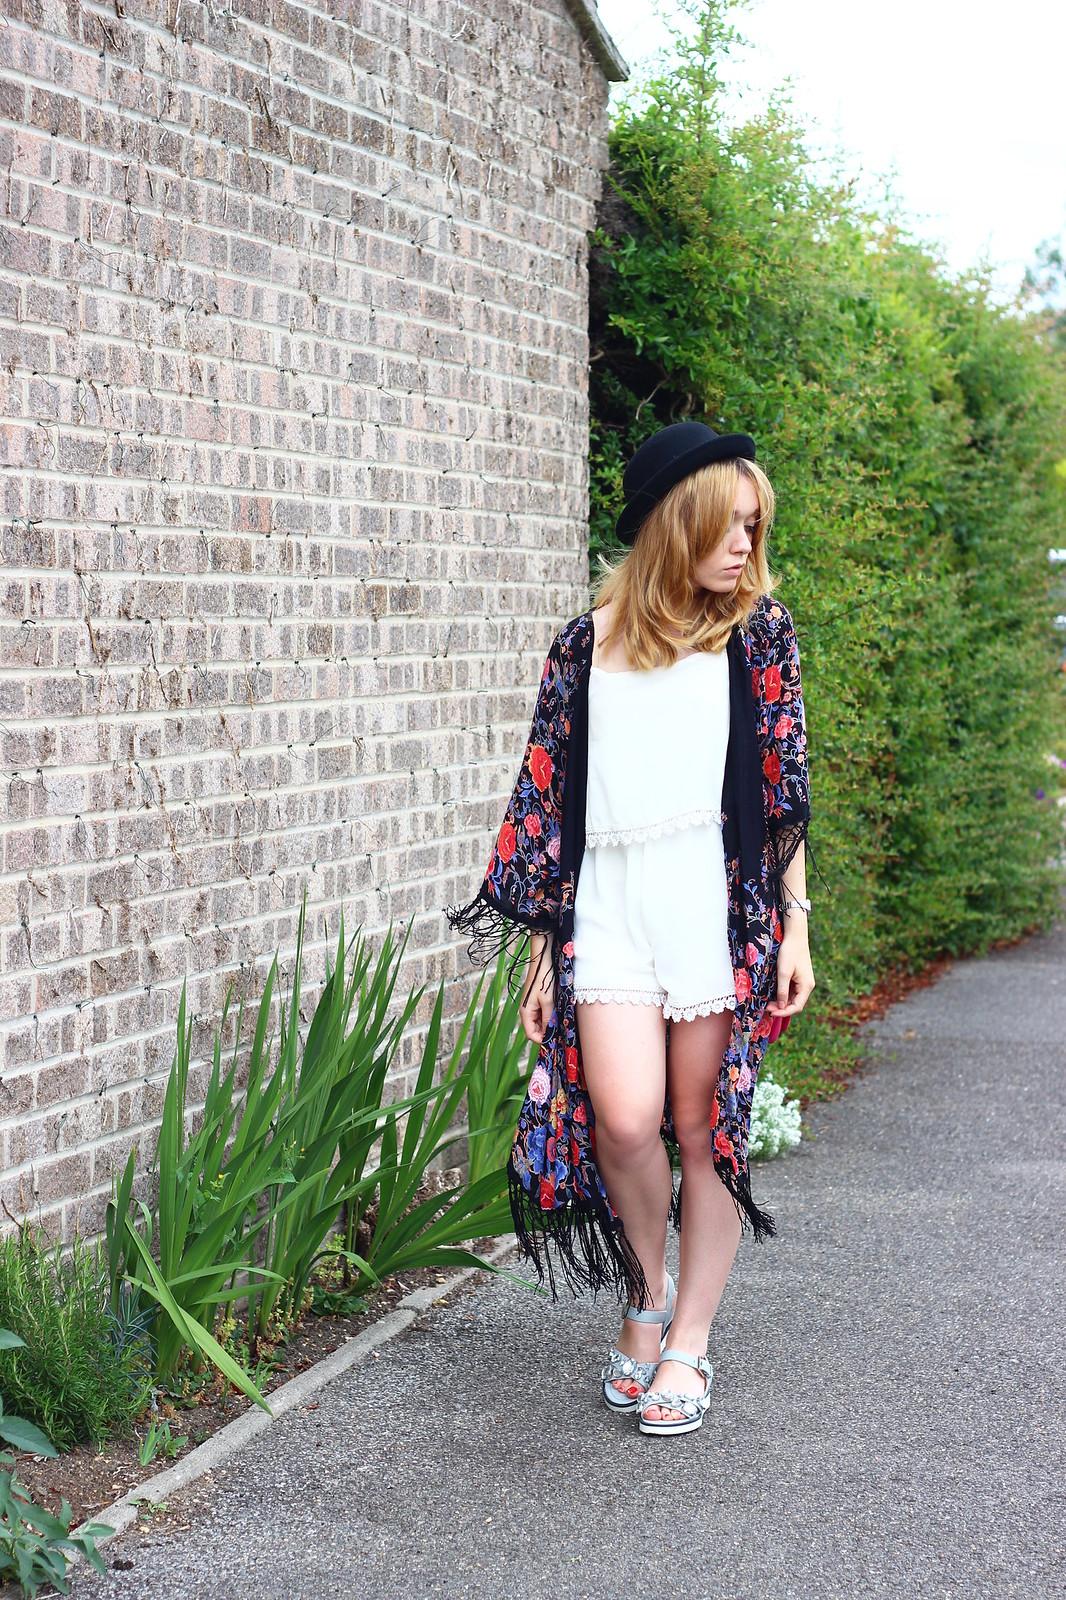 5primarkkimono, festival fashion, kimono, floral